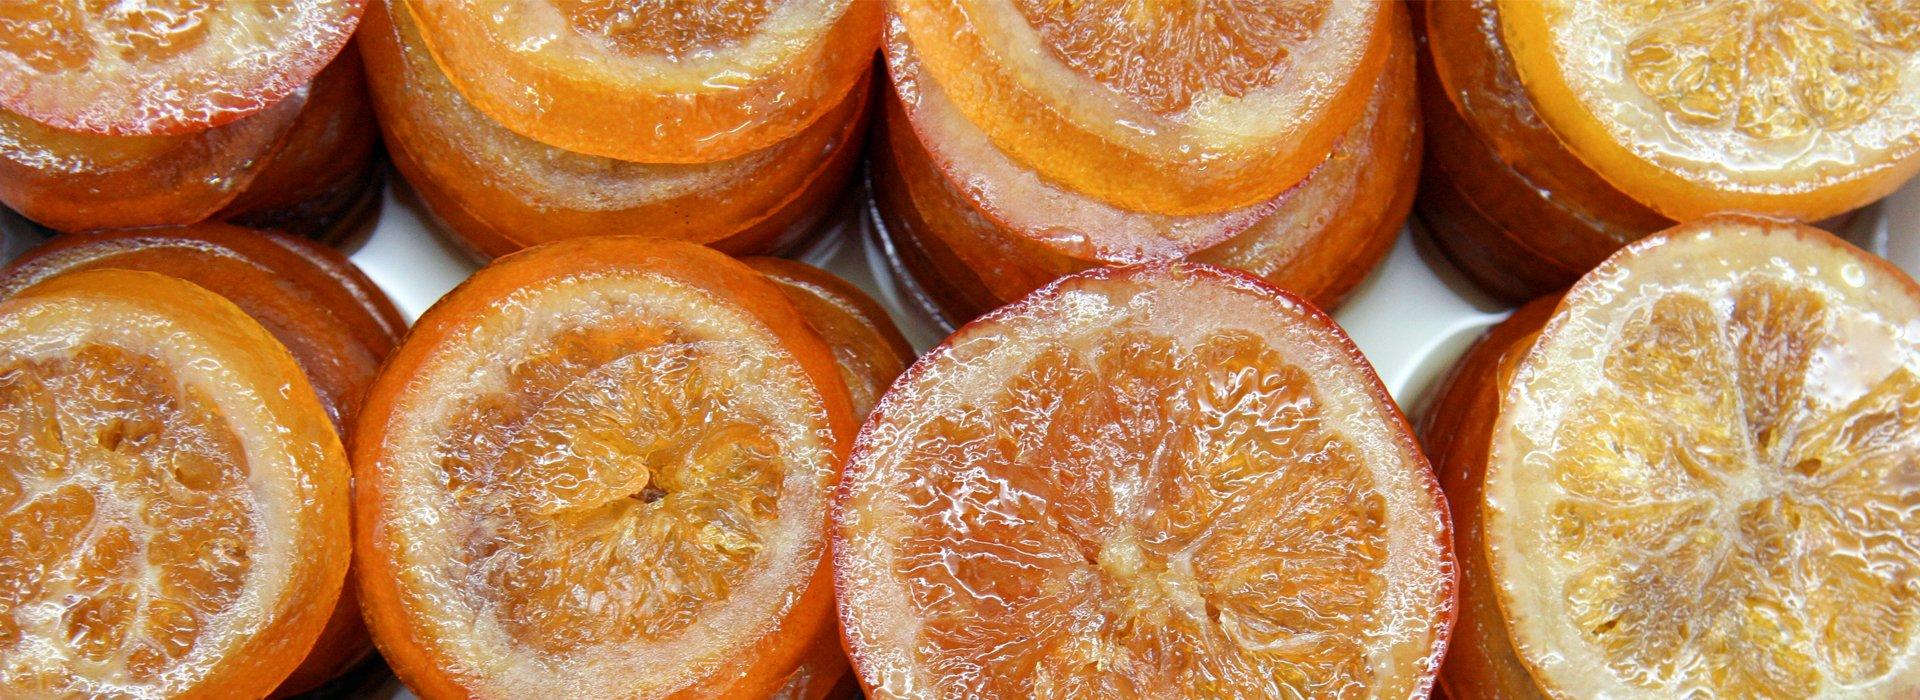 Immagine delle arance candite